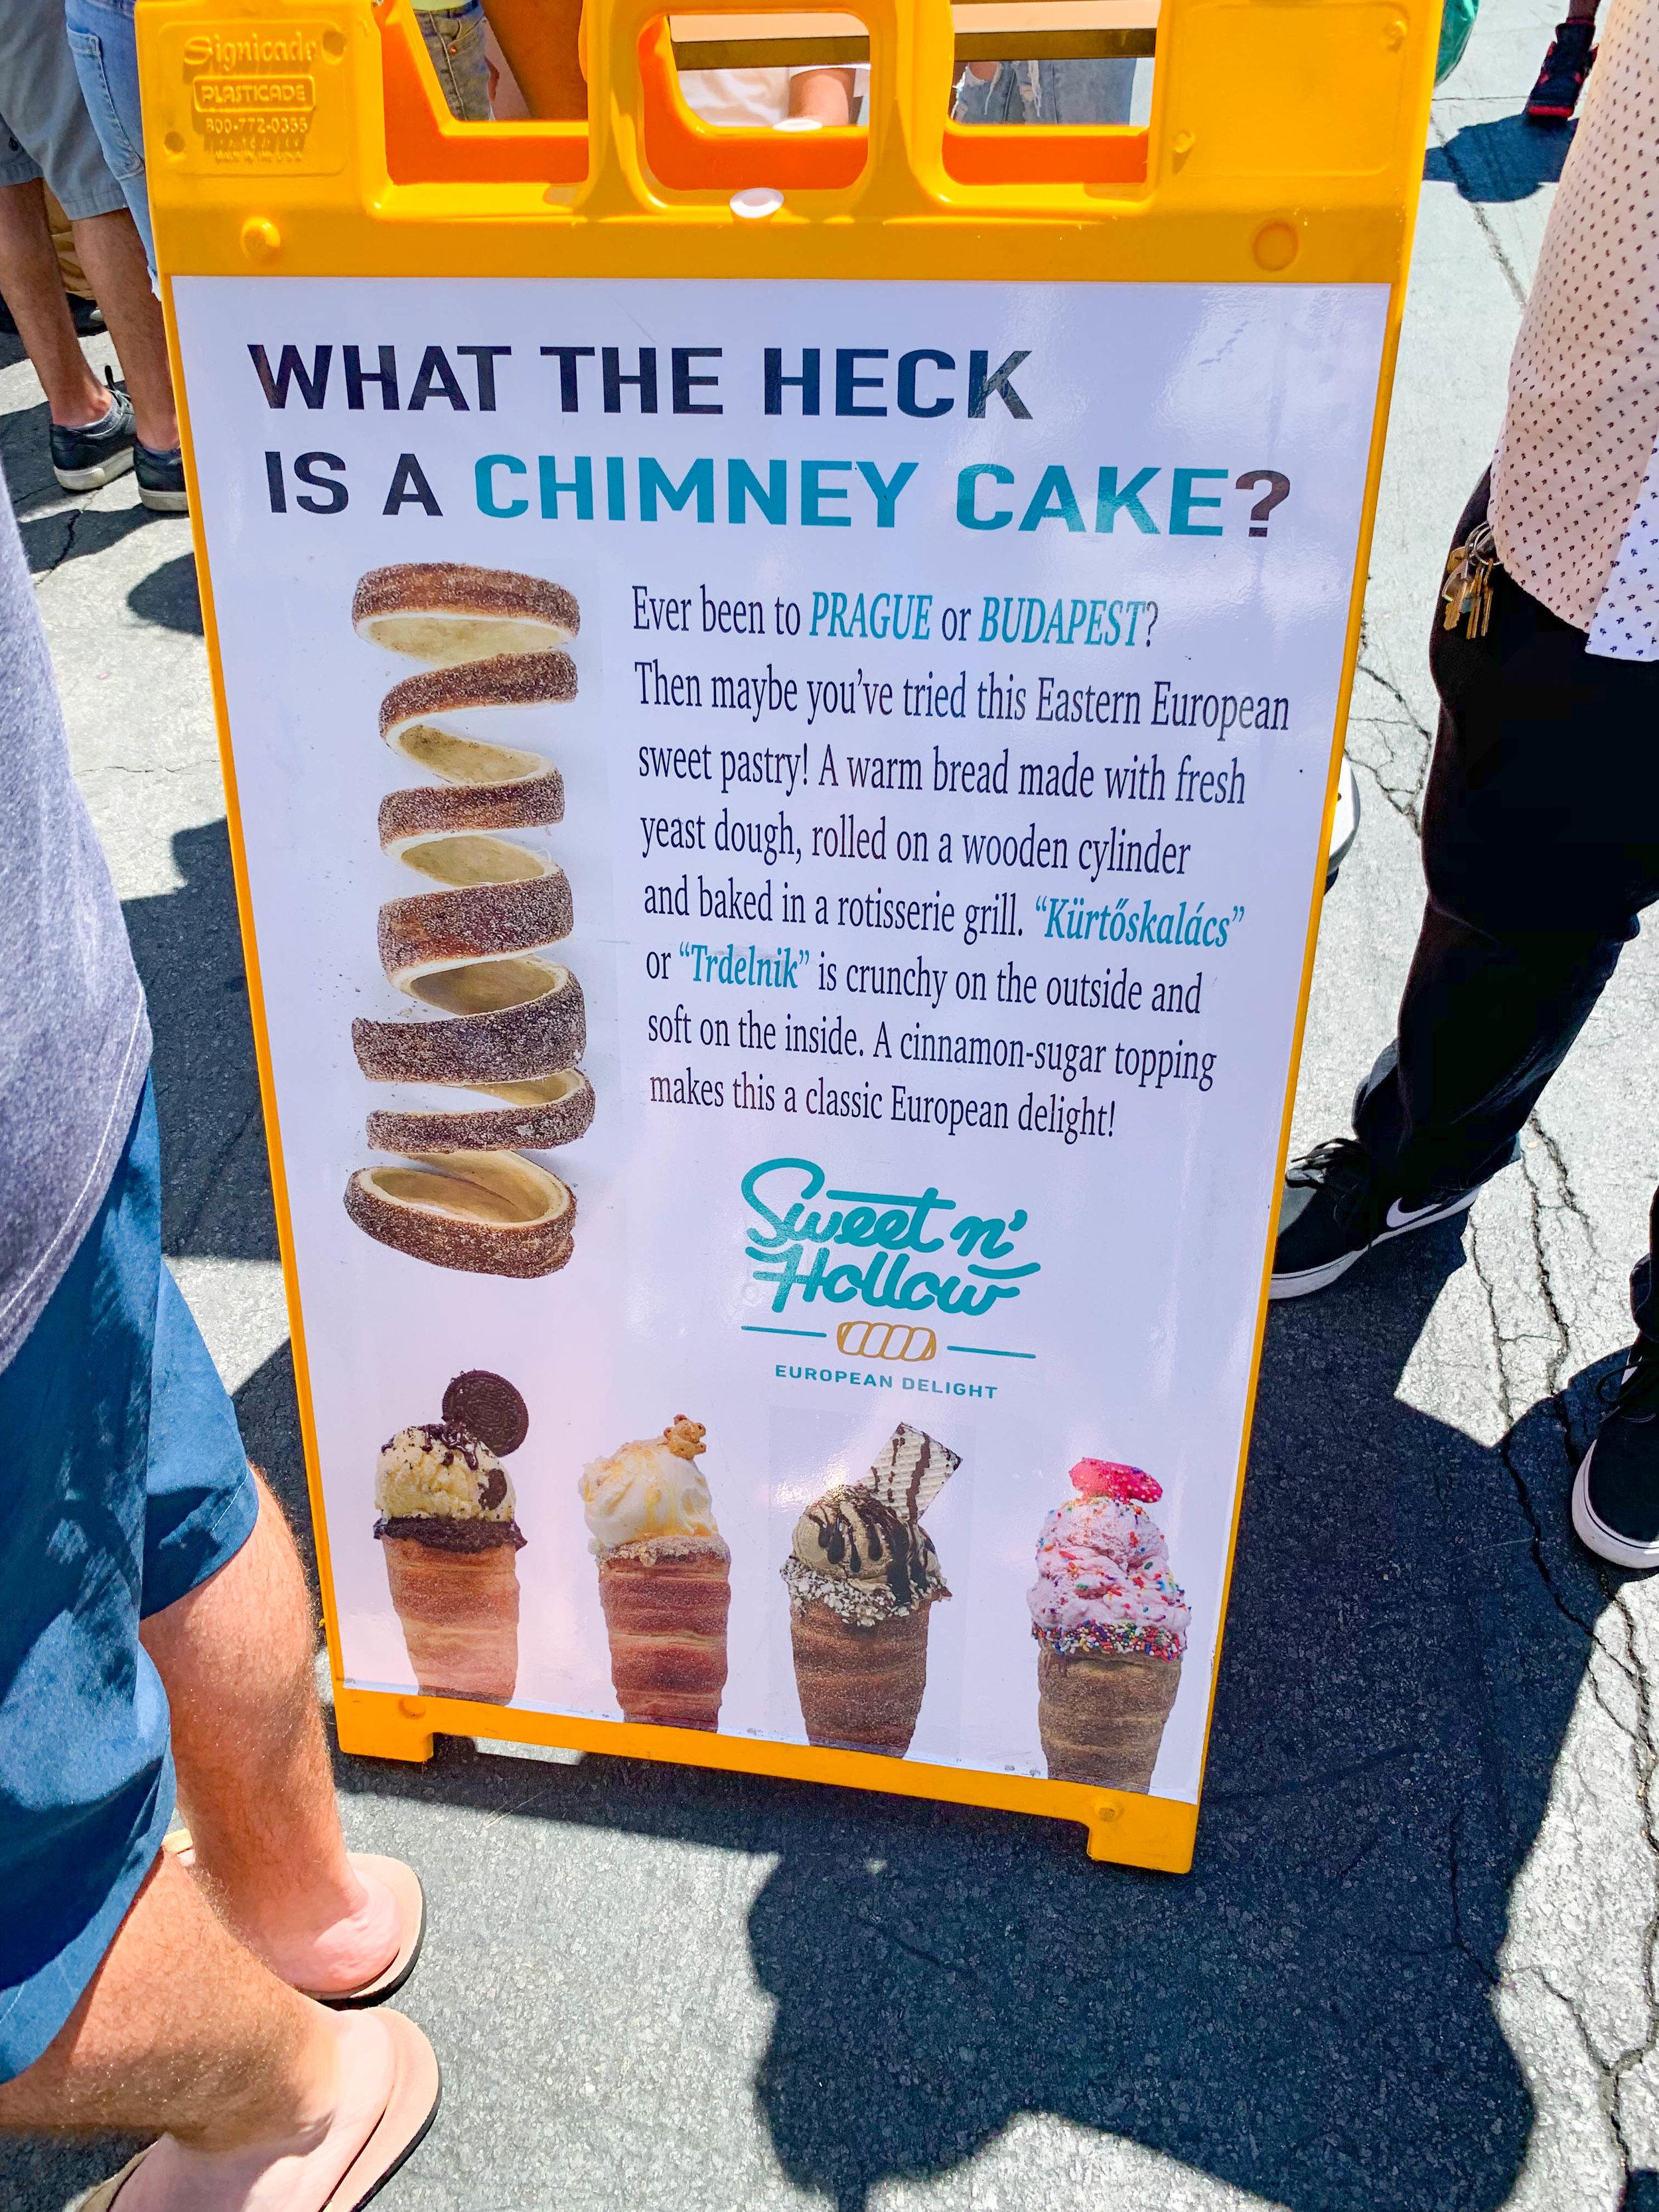 Smorgasburg LA Ice Cream Alley vendor